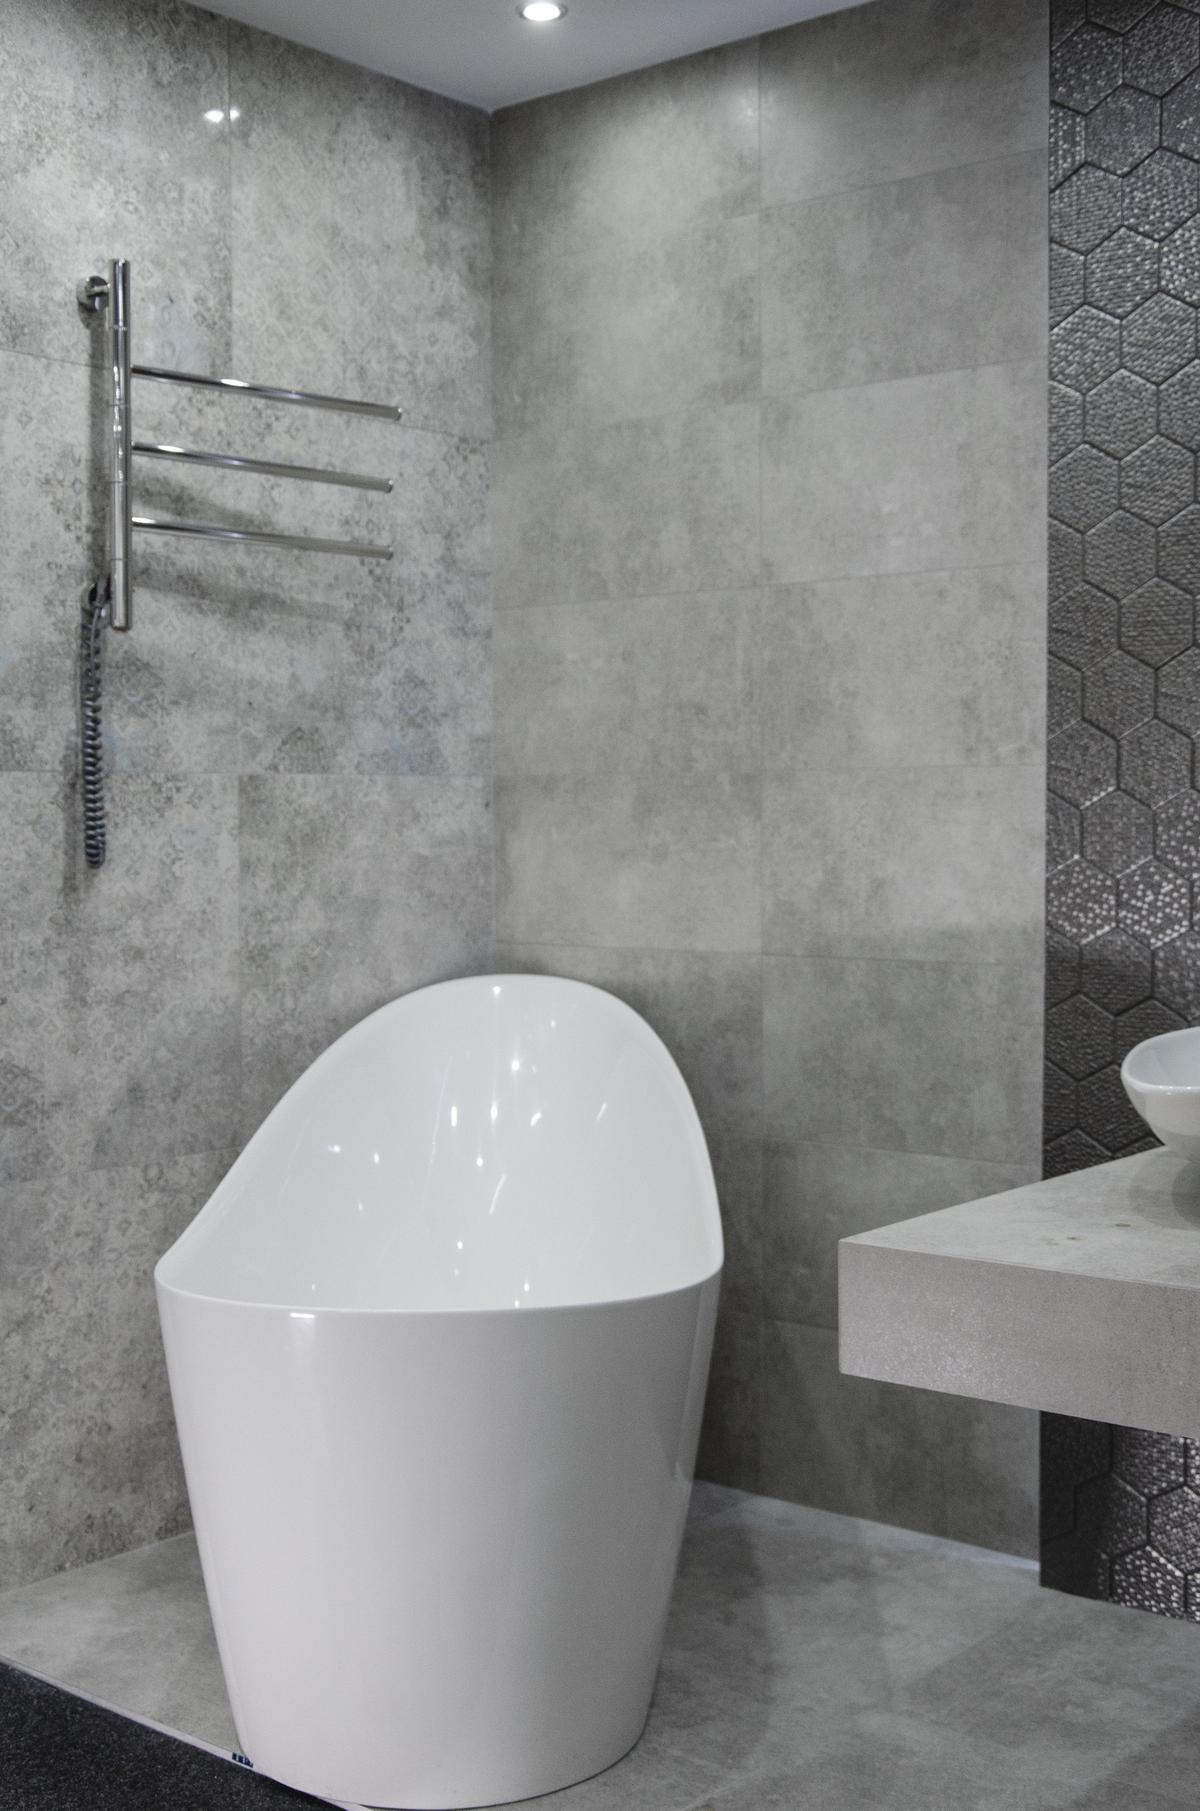 Biała wanna wolnostojąca w aranżacji z szarą płytka imitującą beton - zdjęcie od BLU salon łazienek Skierniewice